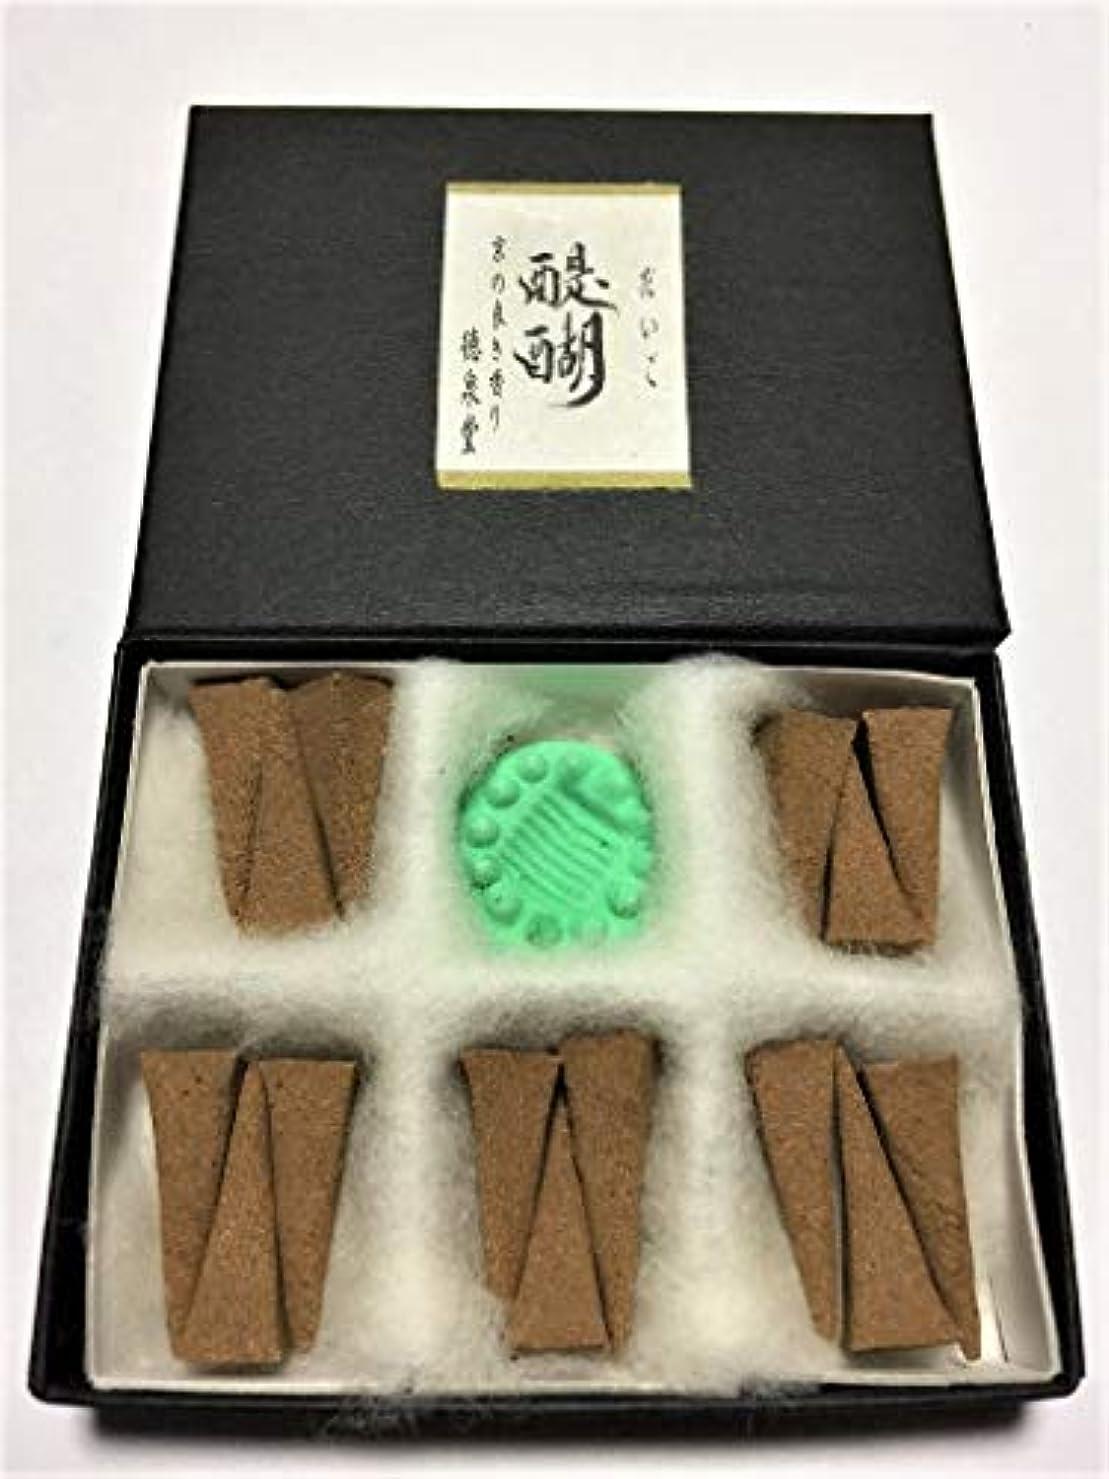 通路孤独ナラーバー醍醐(だいご)15ケ入り 天然材料のみで作ったお香 化学物質、無添加のお香